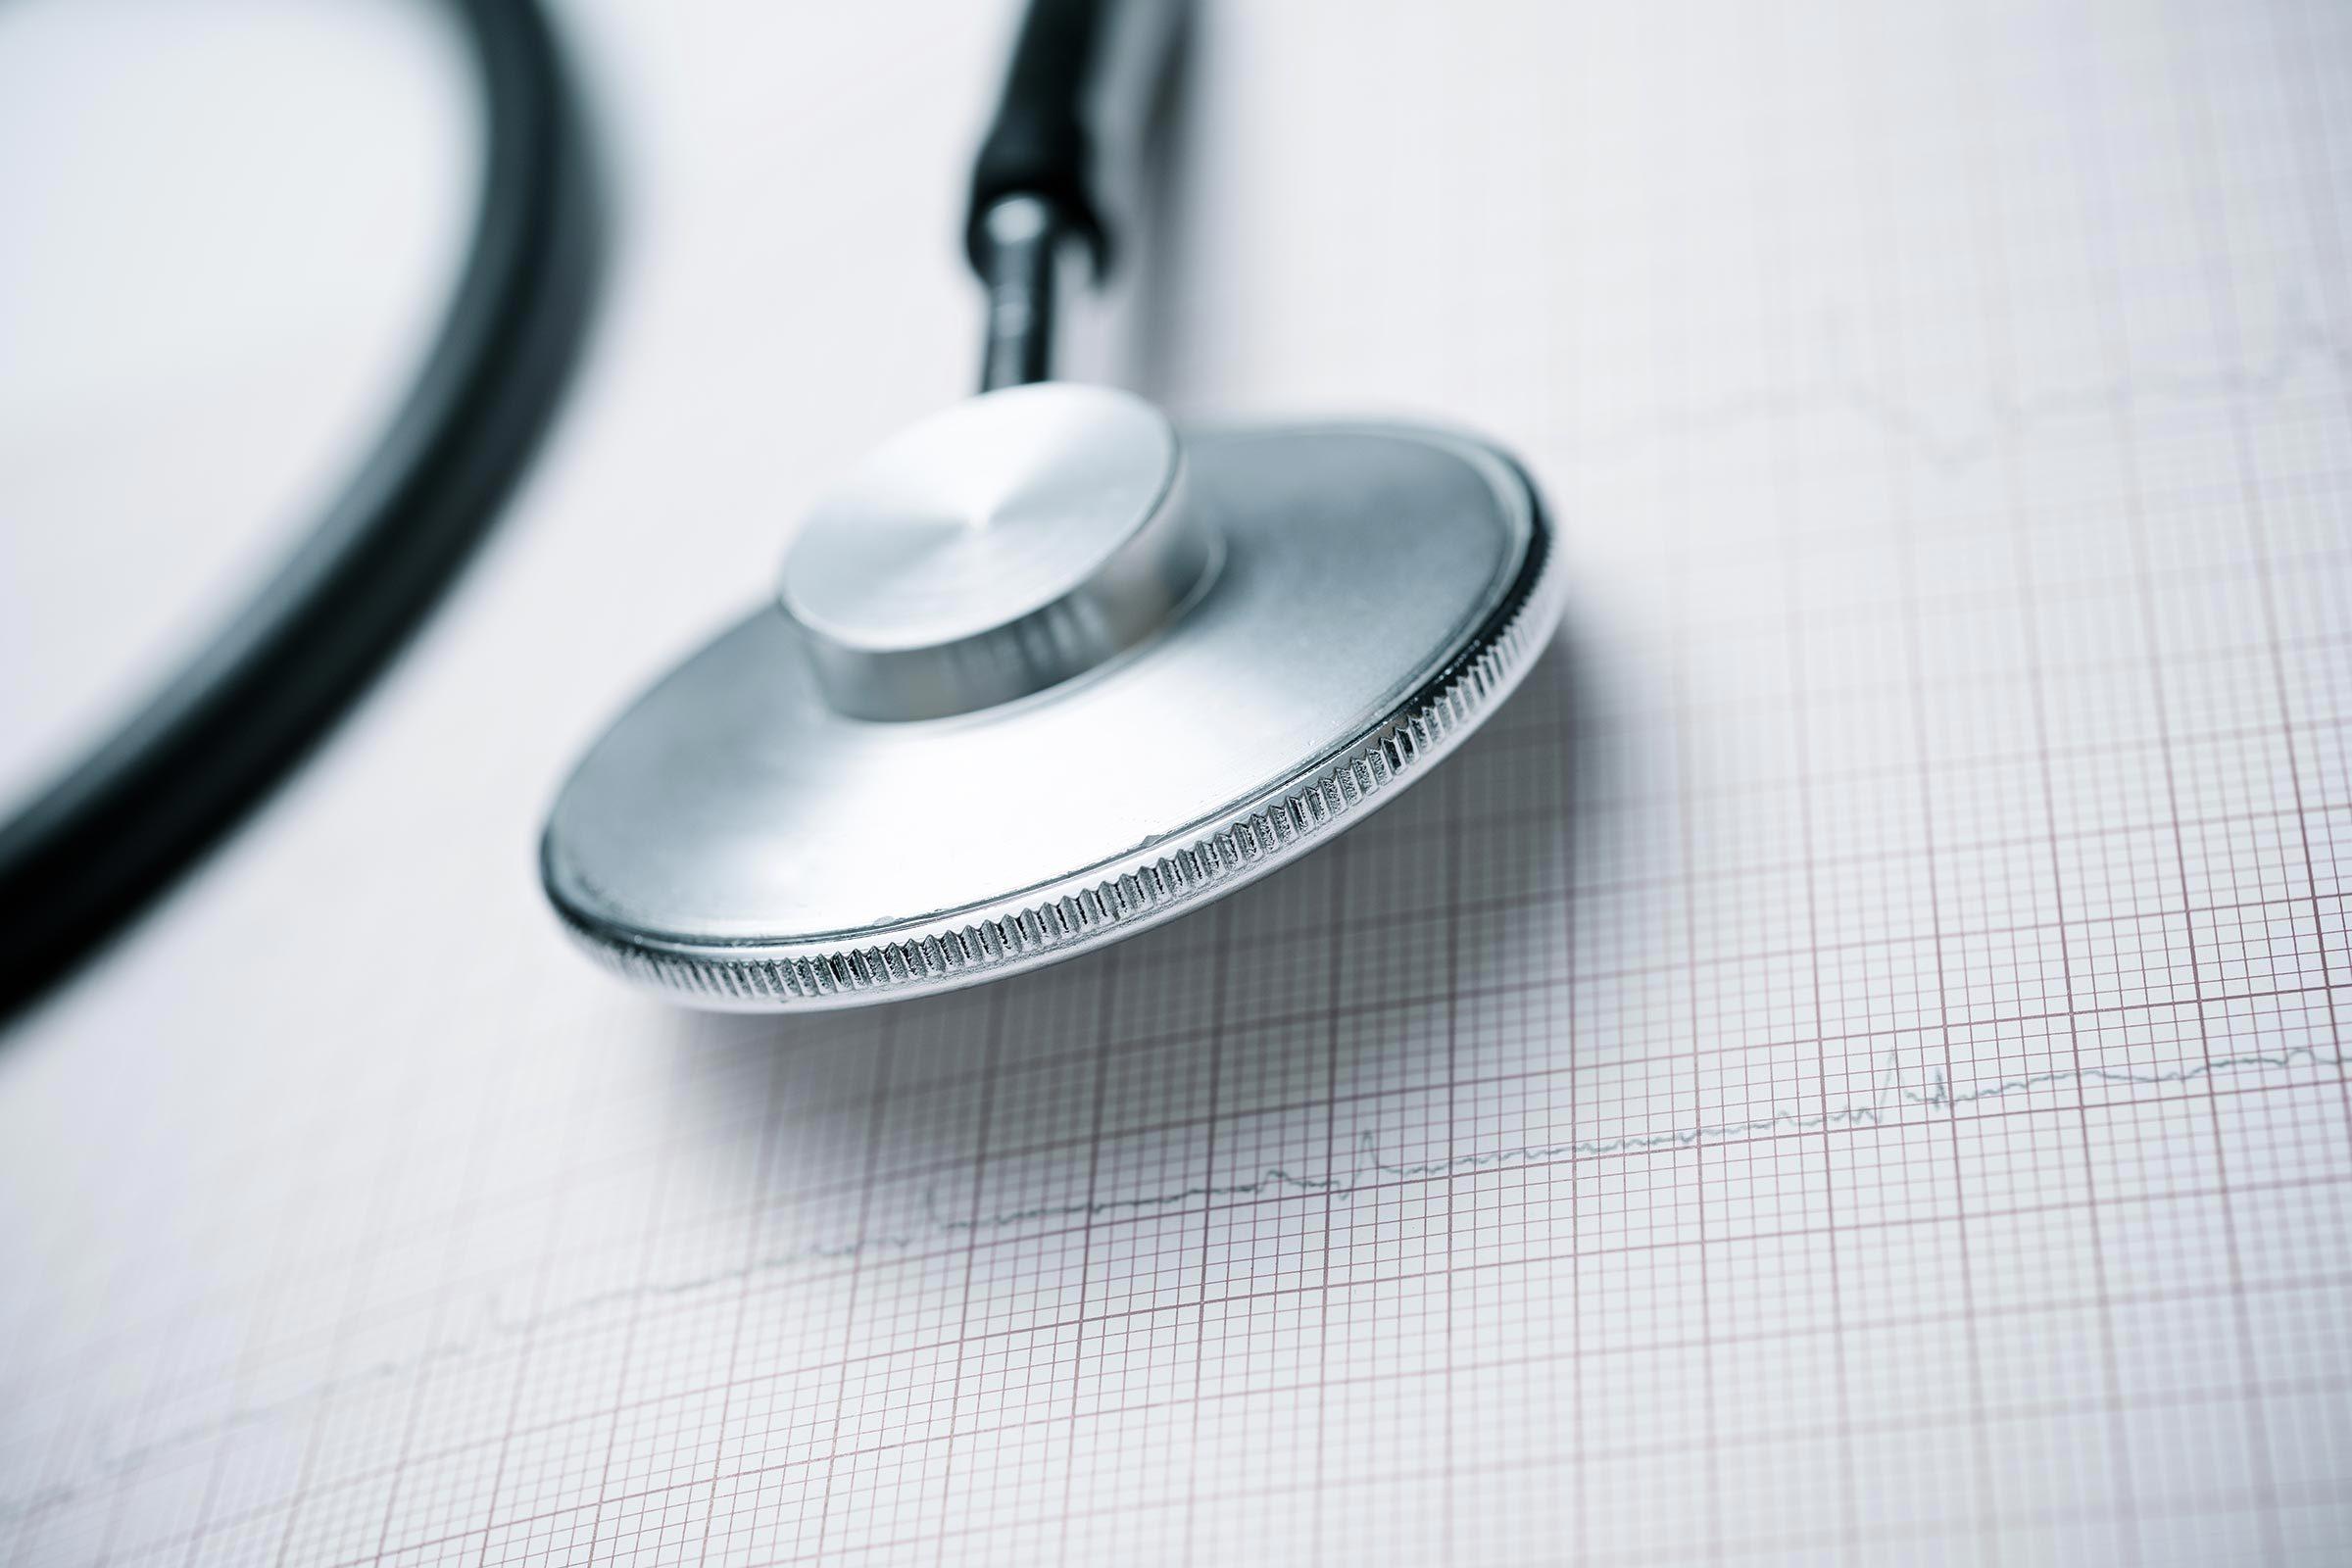 Une crise cardiaque est diagnostiquée à l'aide d'un électrocardiogramme et des analyses sanguines.